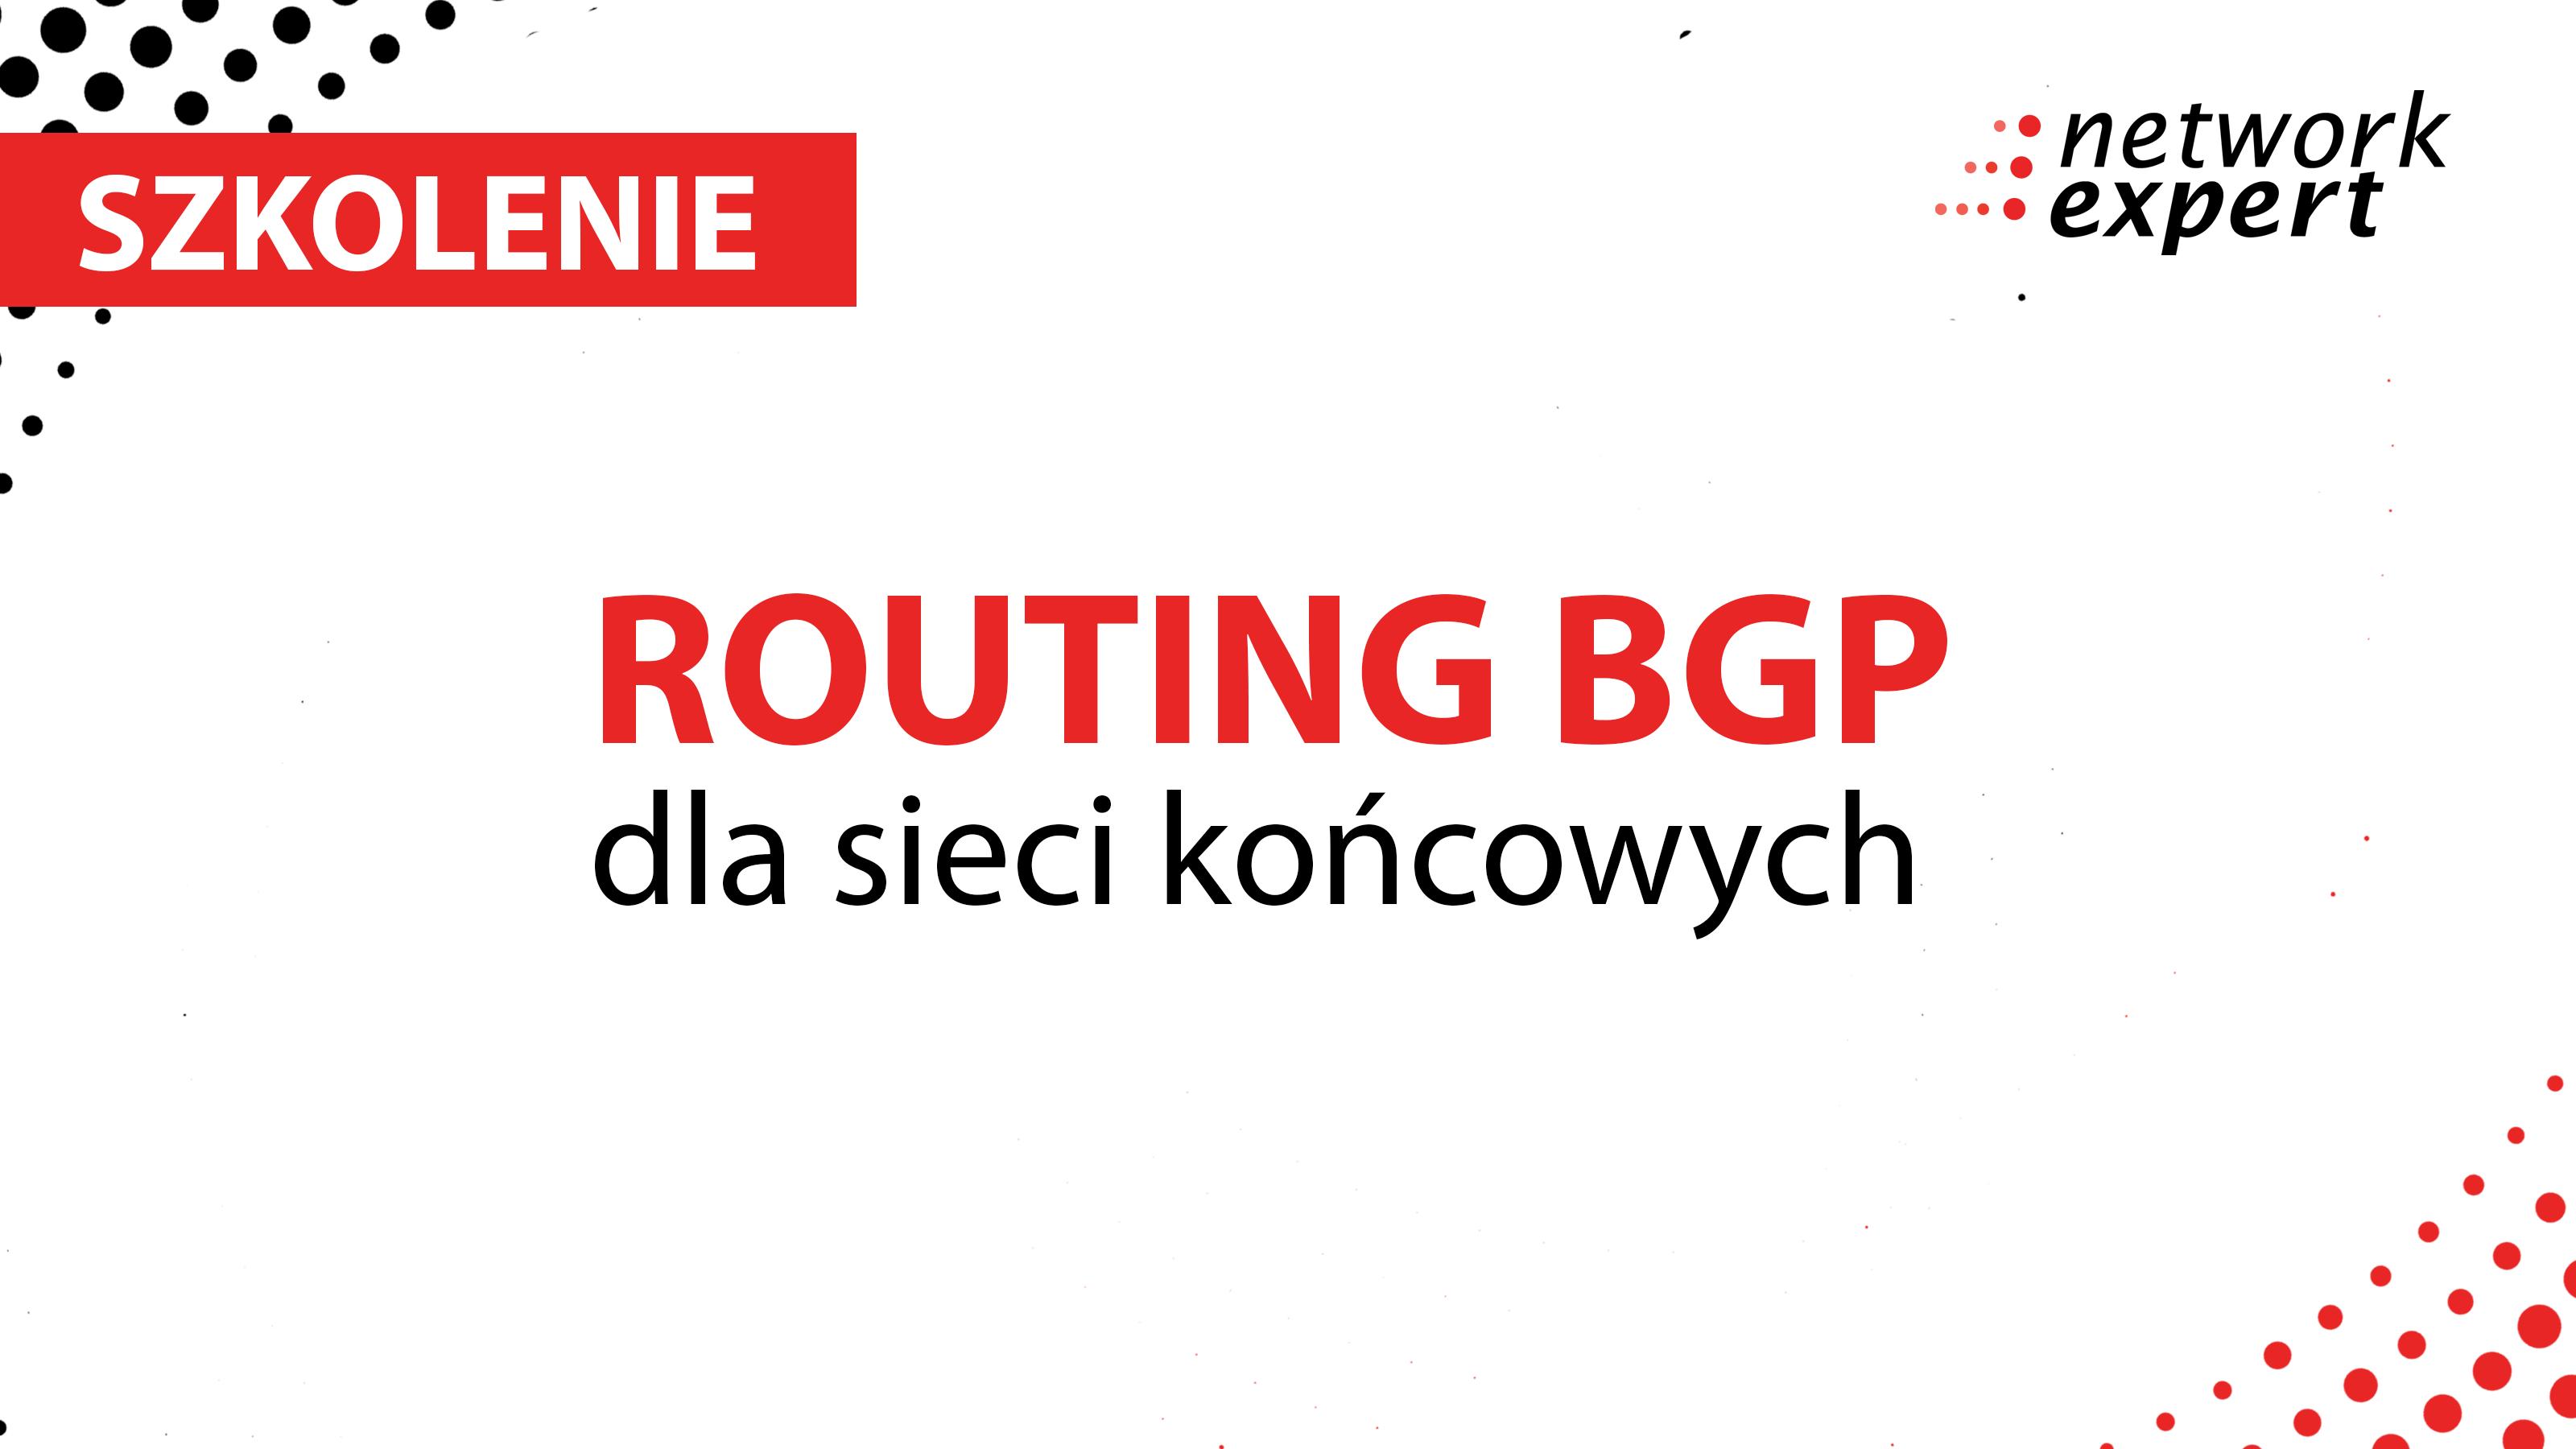 Szkolenie z zakresu routing bgp dla sieci końcowych